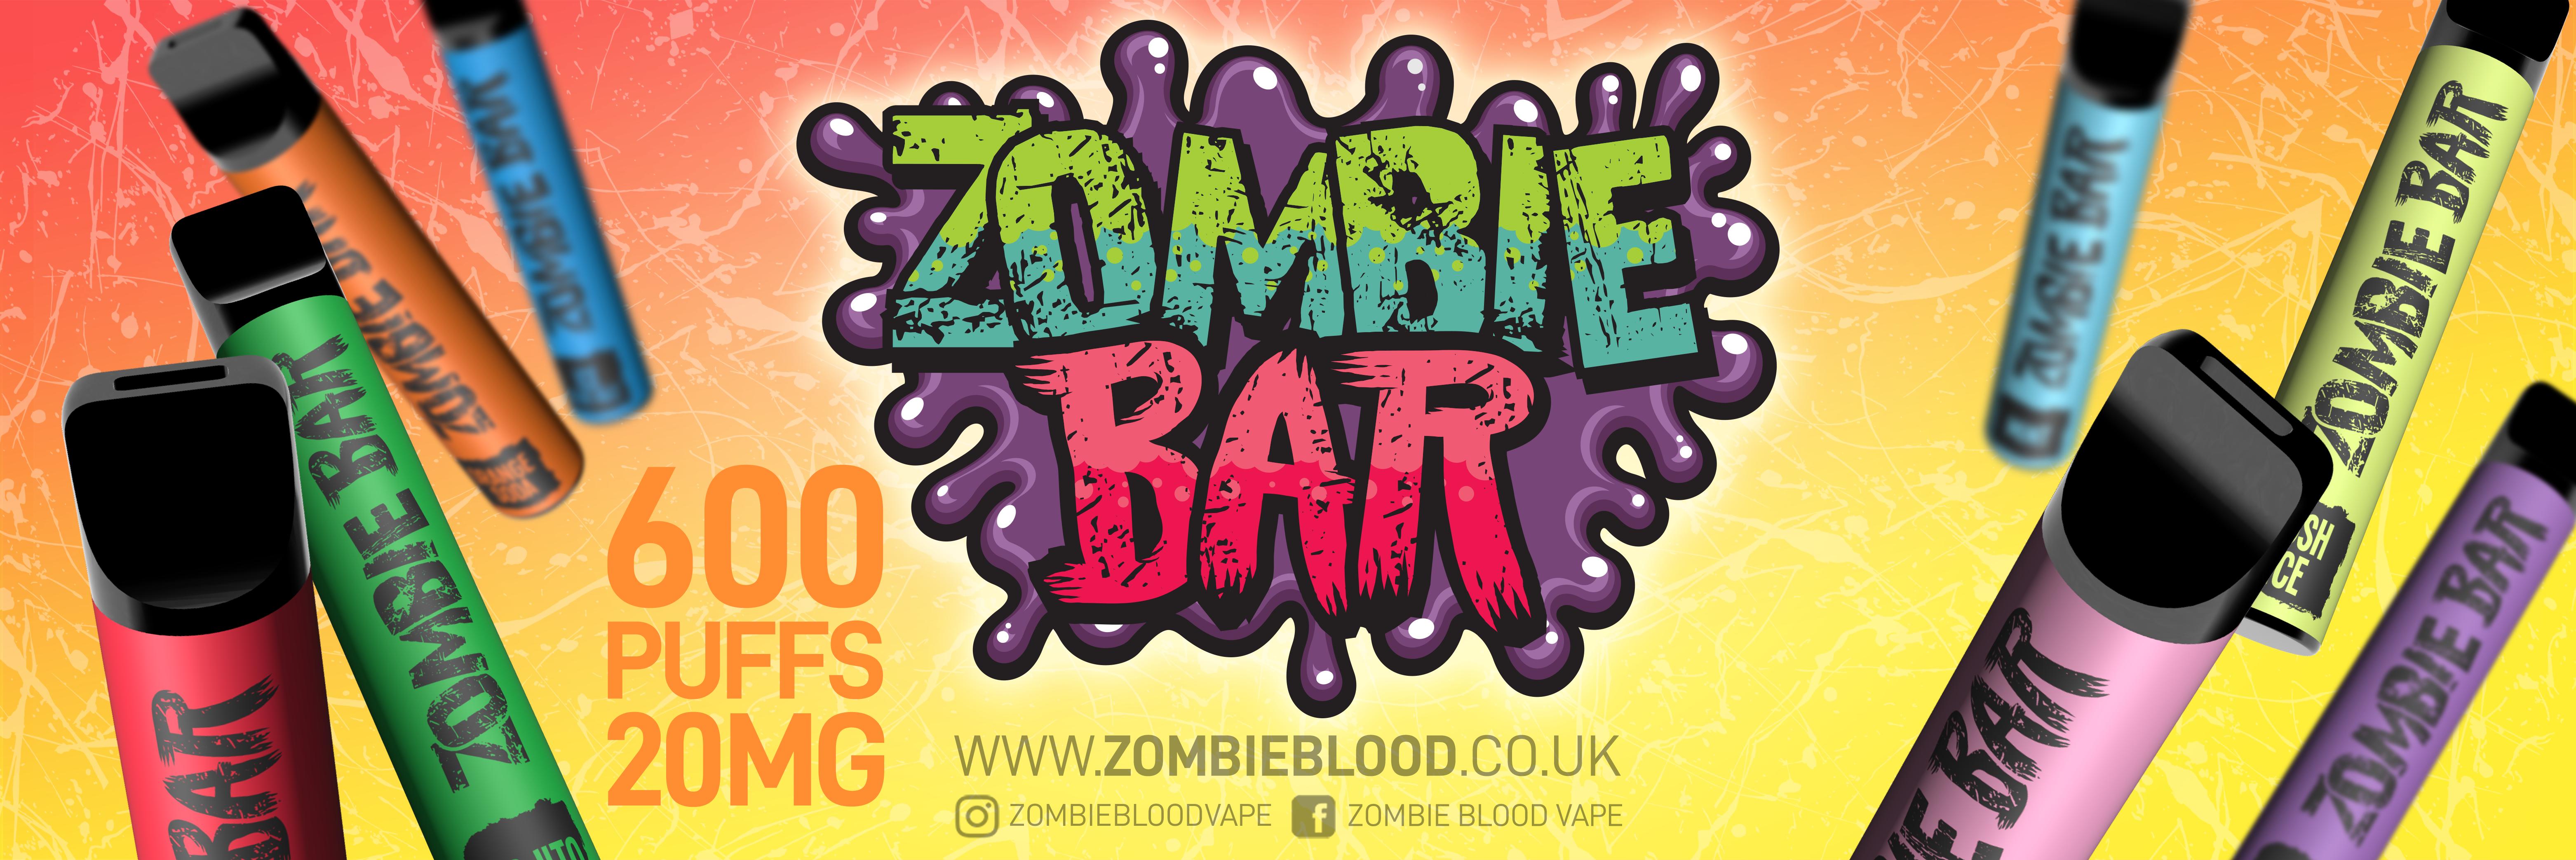 Zombie Bar Disposable E-Cig